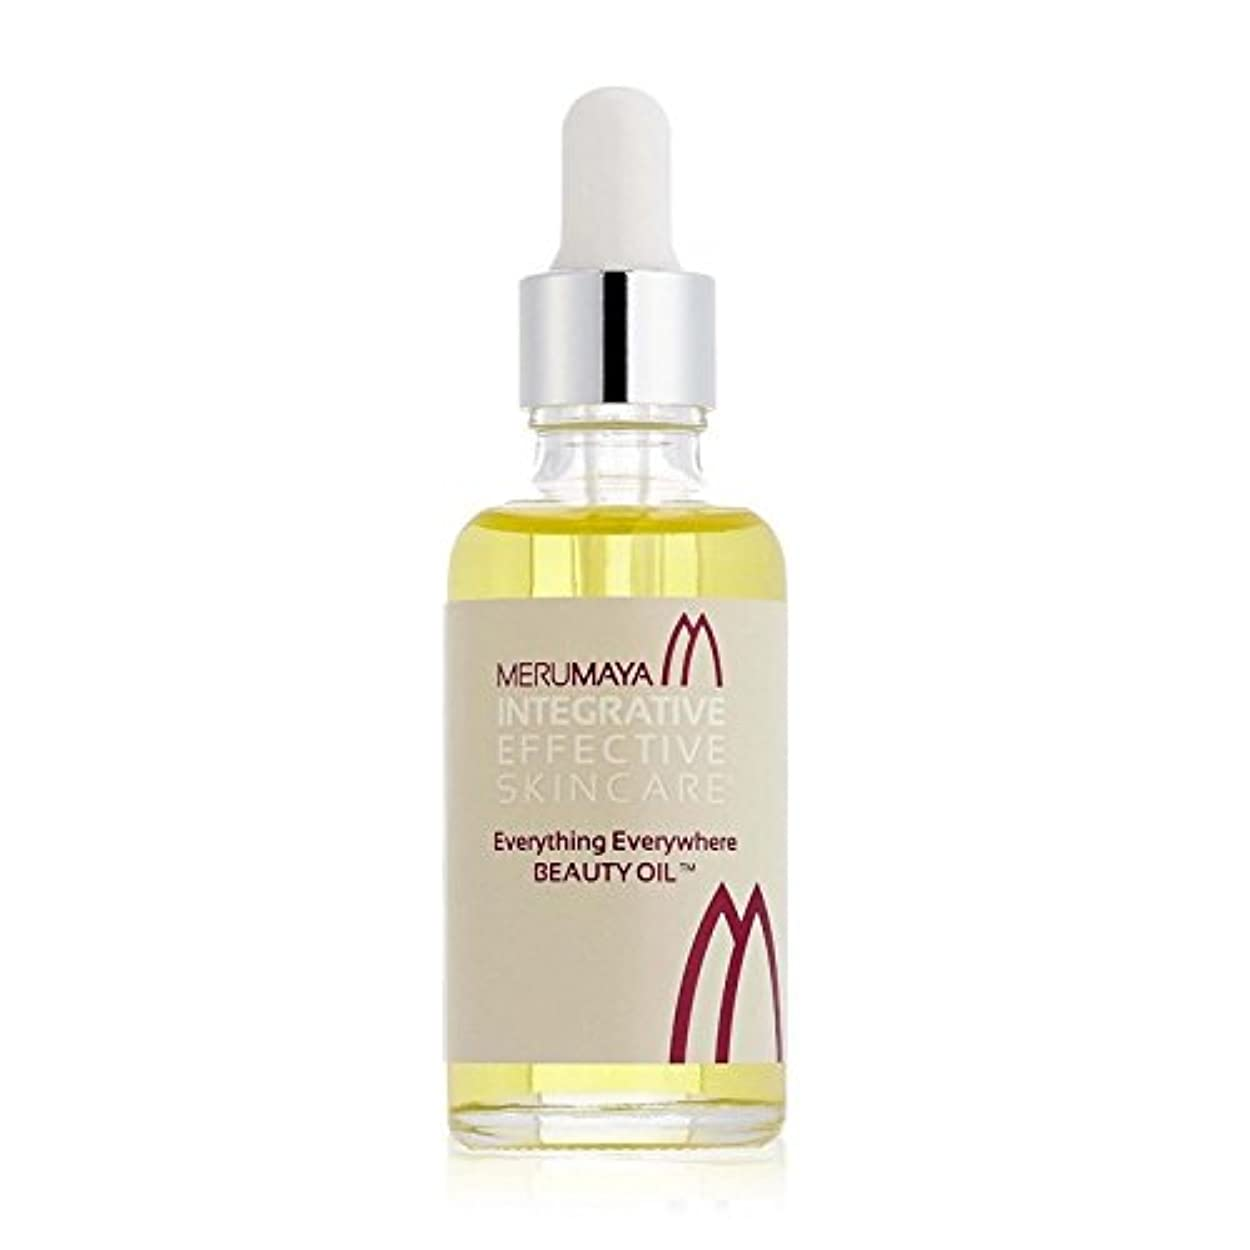 シェルター映画競うMerumaya Everything Everywhere Beauty Oil (Pack of 6) - どこでも、すべての美容オイルを x6 [並行輸入品]